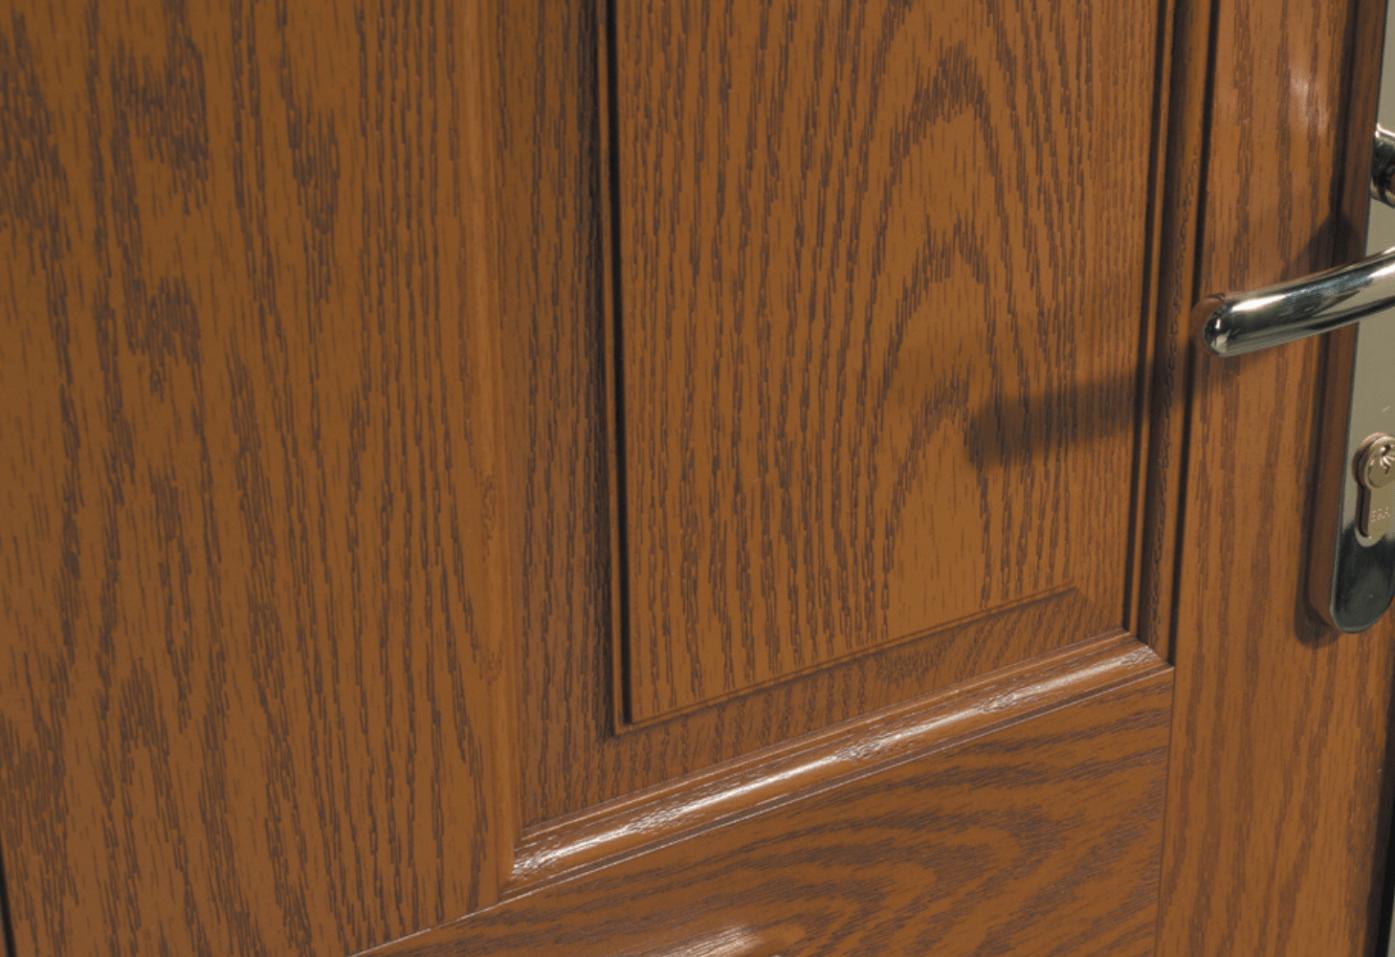 Grainex Door Paint Wood Effect